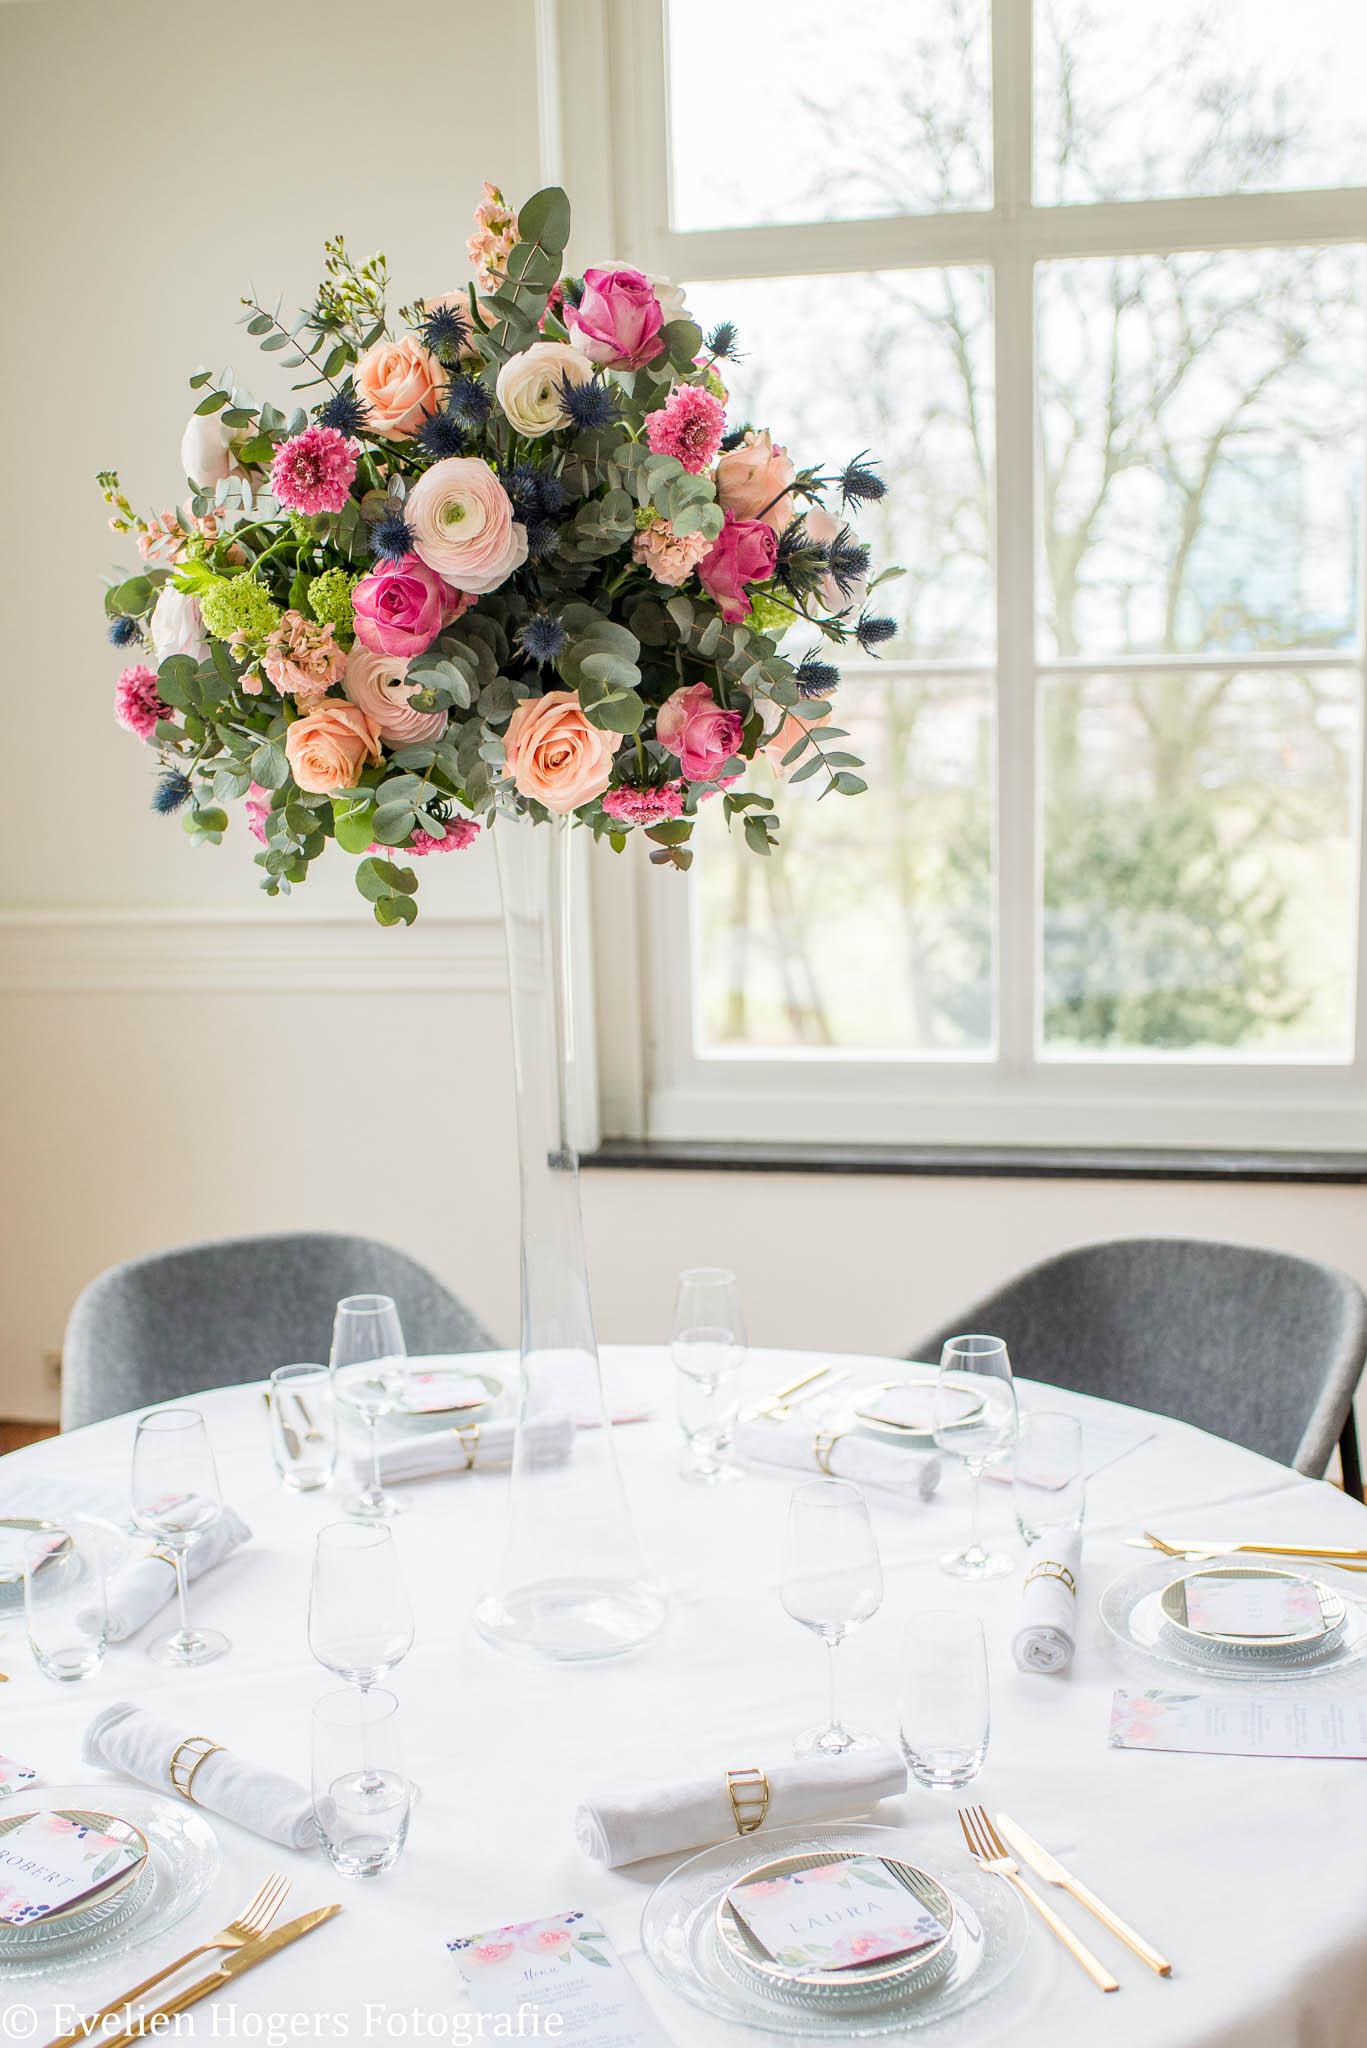 Estate_wedding_Metwatermerk-19.jpg